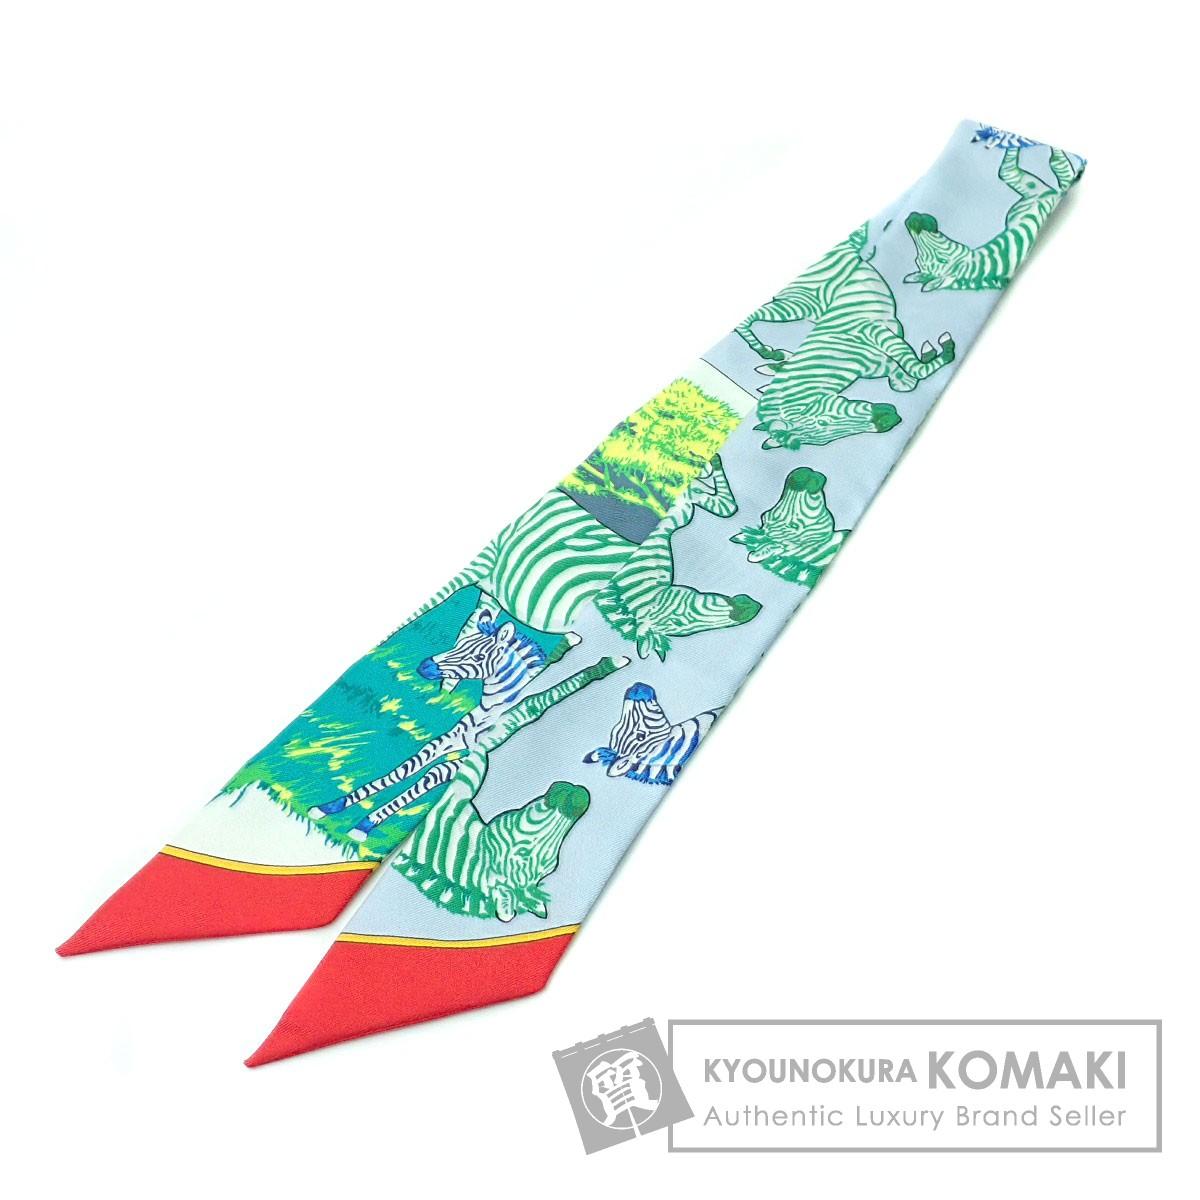 HERMES ツイリー/シマウマ/LES ZEBRES スカーフ シルク レディース 【中古】【エルメス】